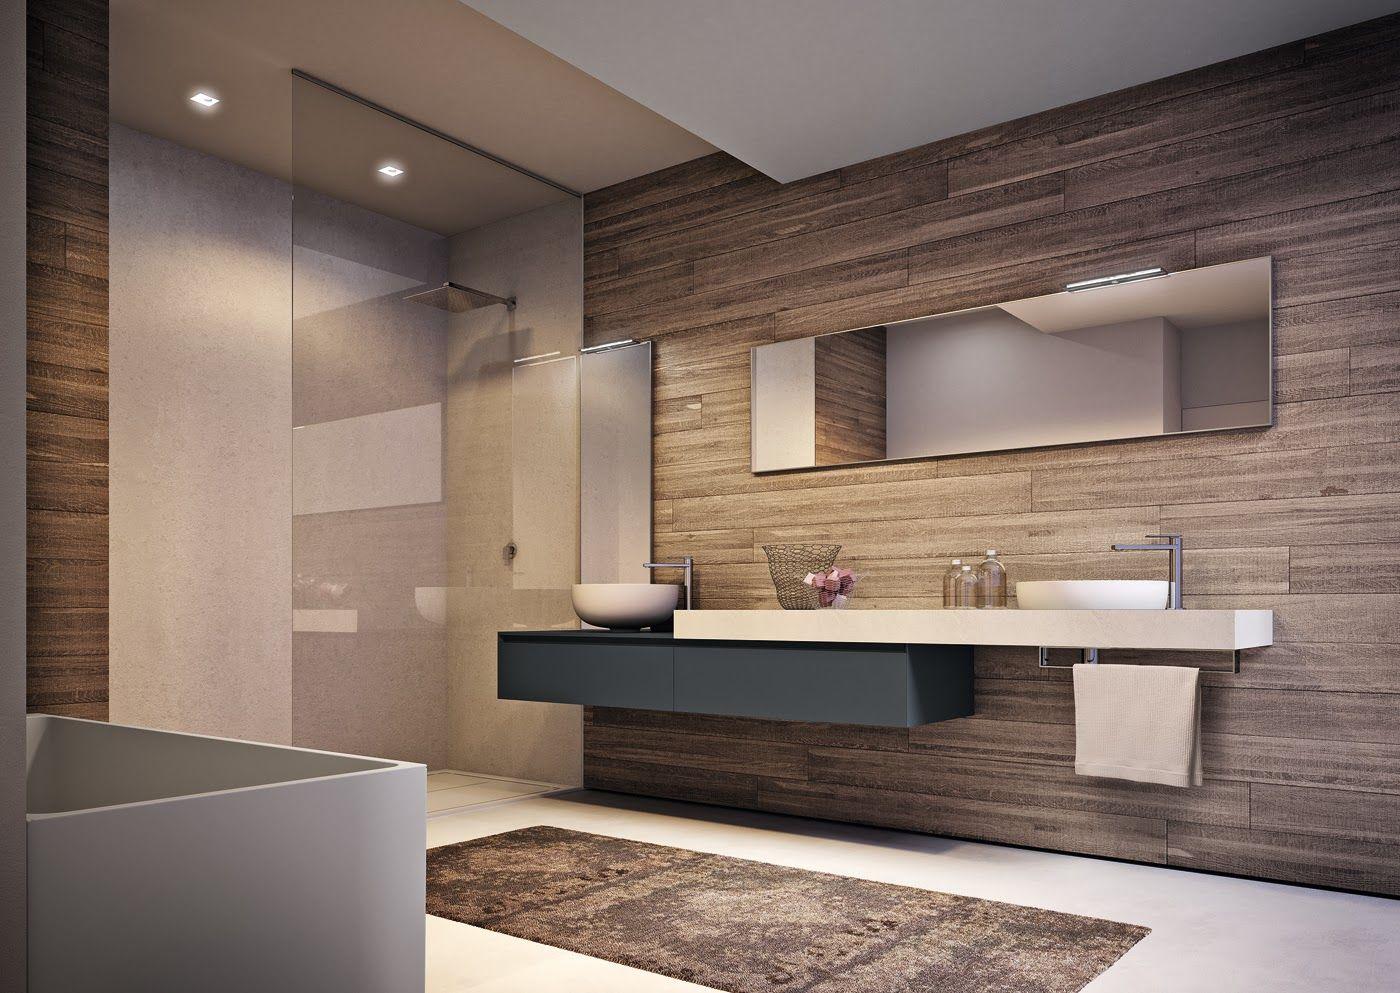 progettando il bagno | home | pinterest | interiors, bath and ... - Bagni Moderni Particolari